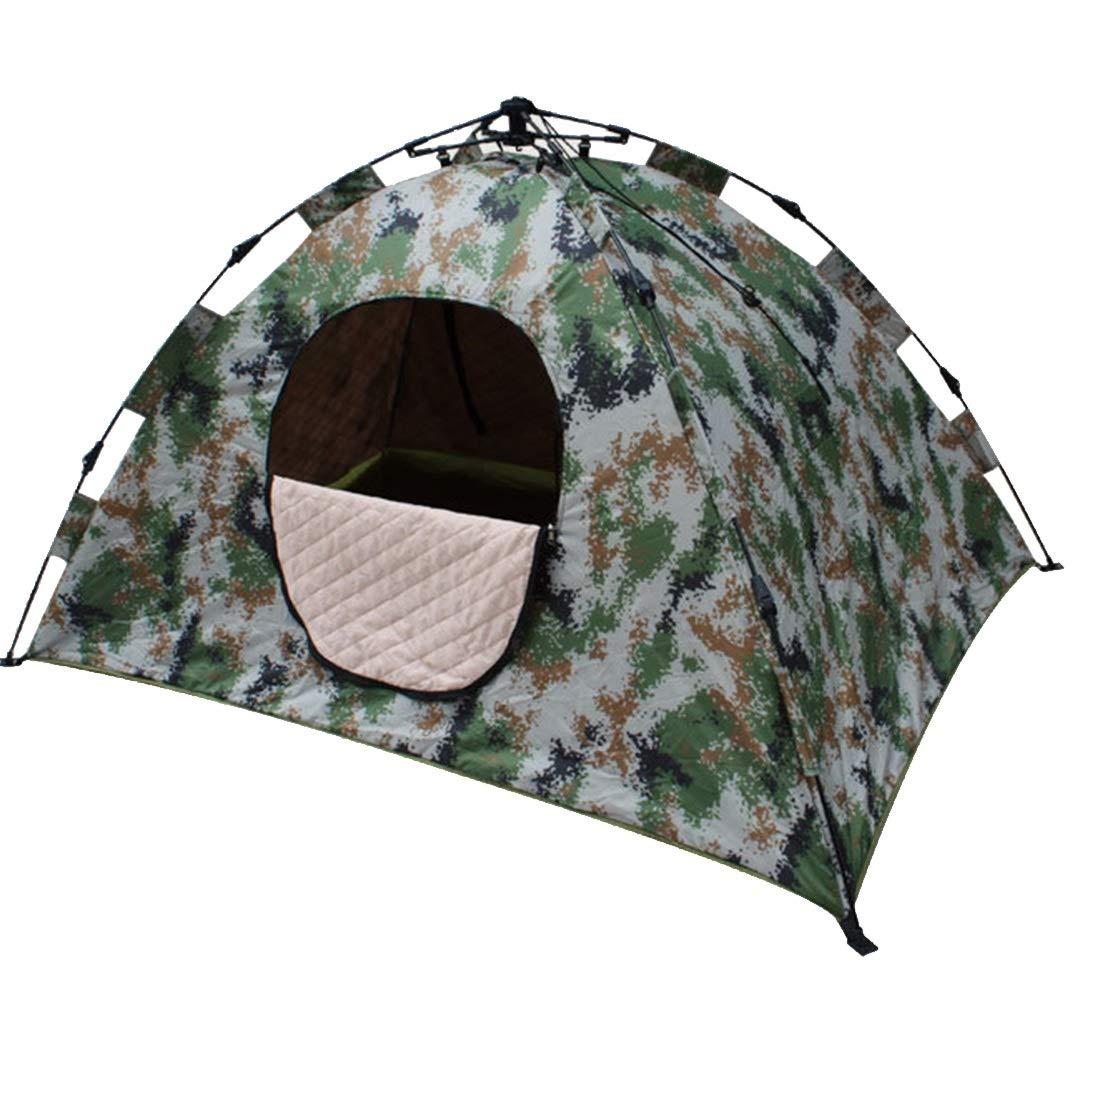 Ploekgda Automatisches Tarnungs-Zelt, 2 Perosn für Das Kampieren im Freien (Farbe : Camouflage)